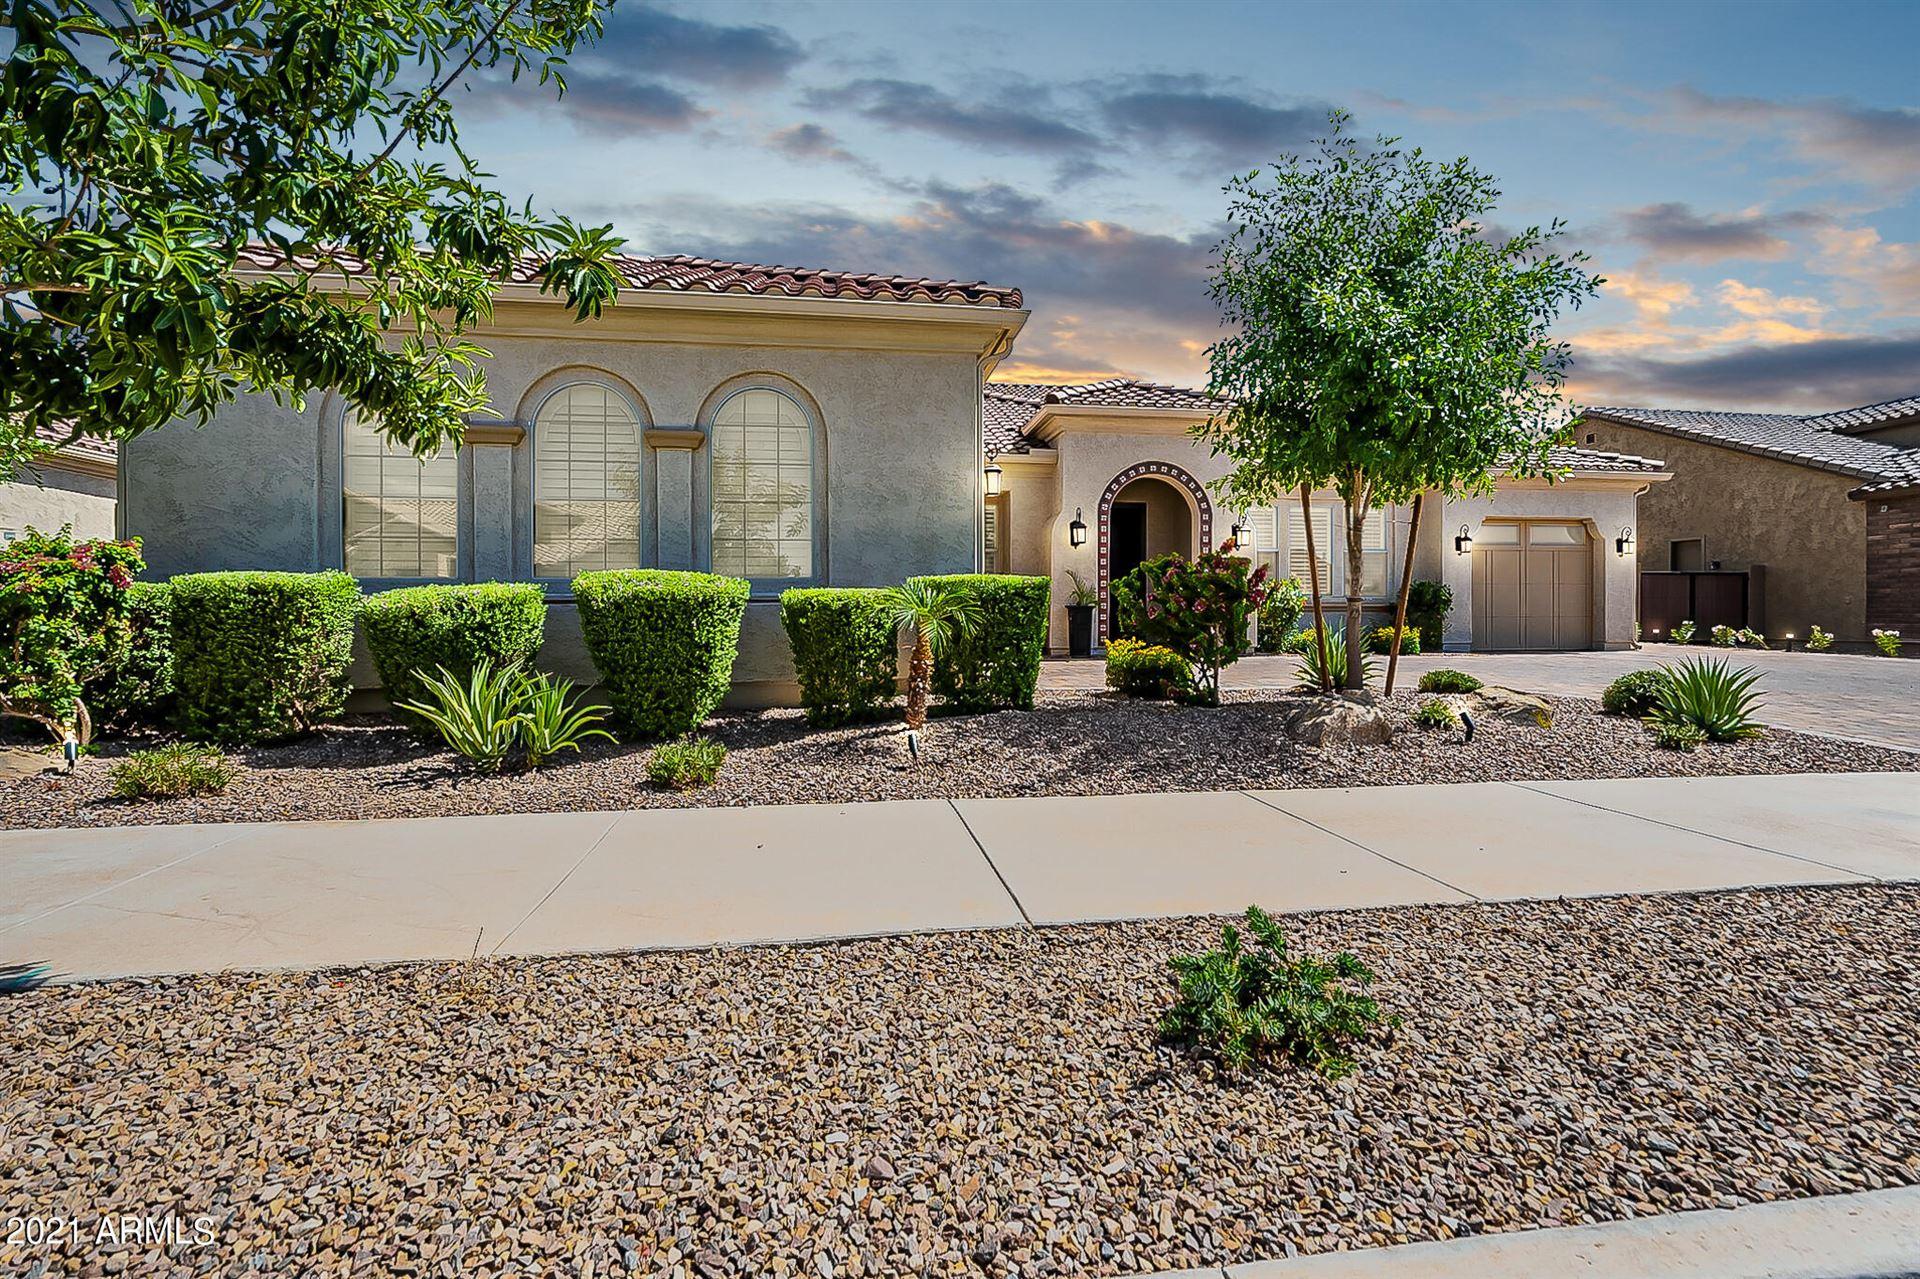 Photo of 22325 E CAMACHO Road, Queen Creek, AZ 85142 (MLS # 6248991)